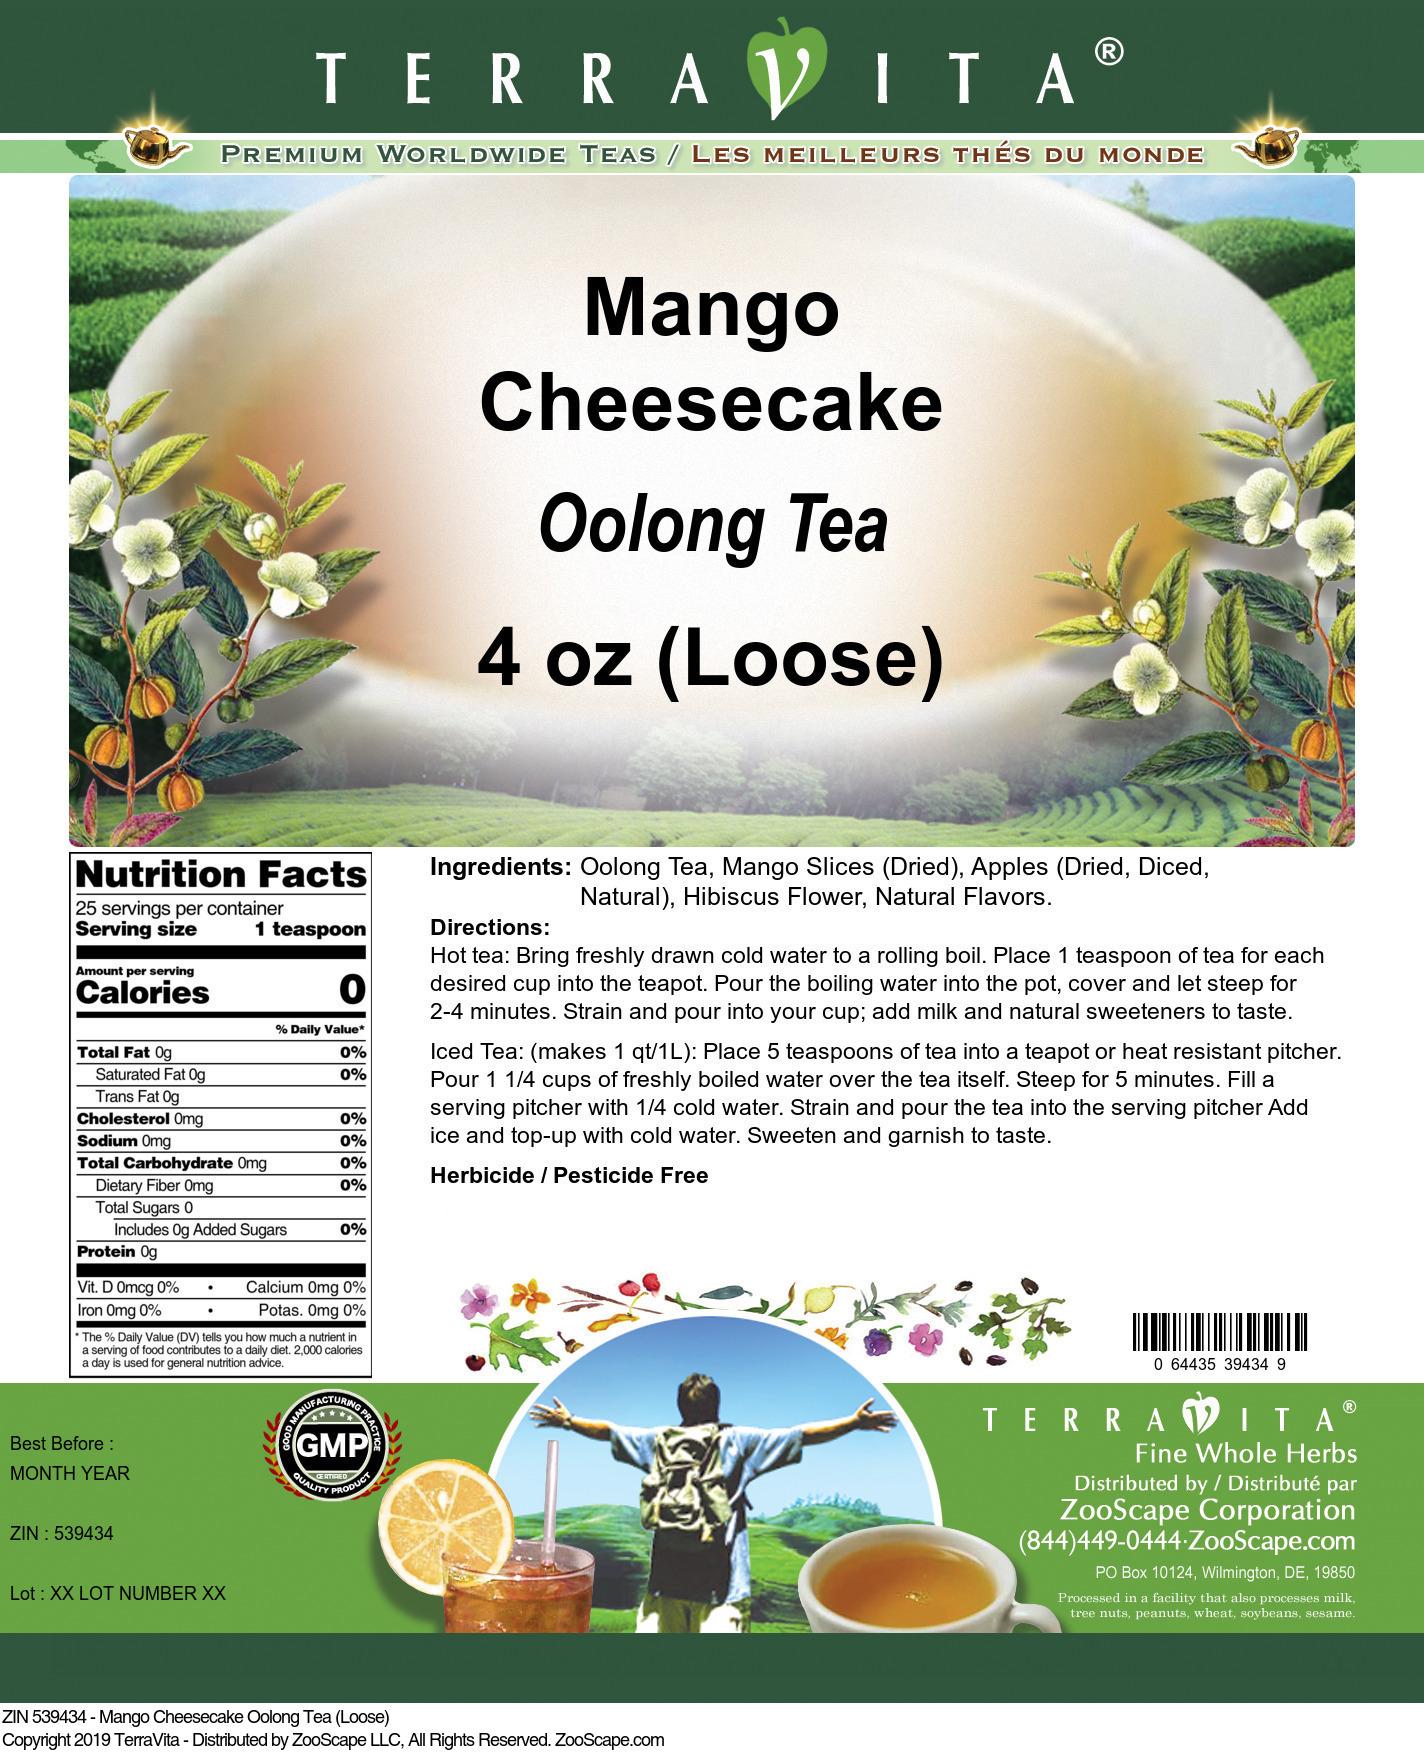 Mango Cheesecake Oolong Tea (Loose)